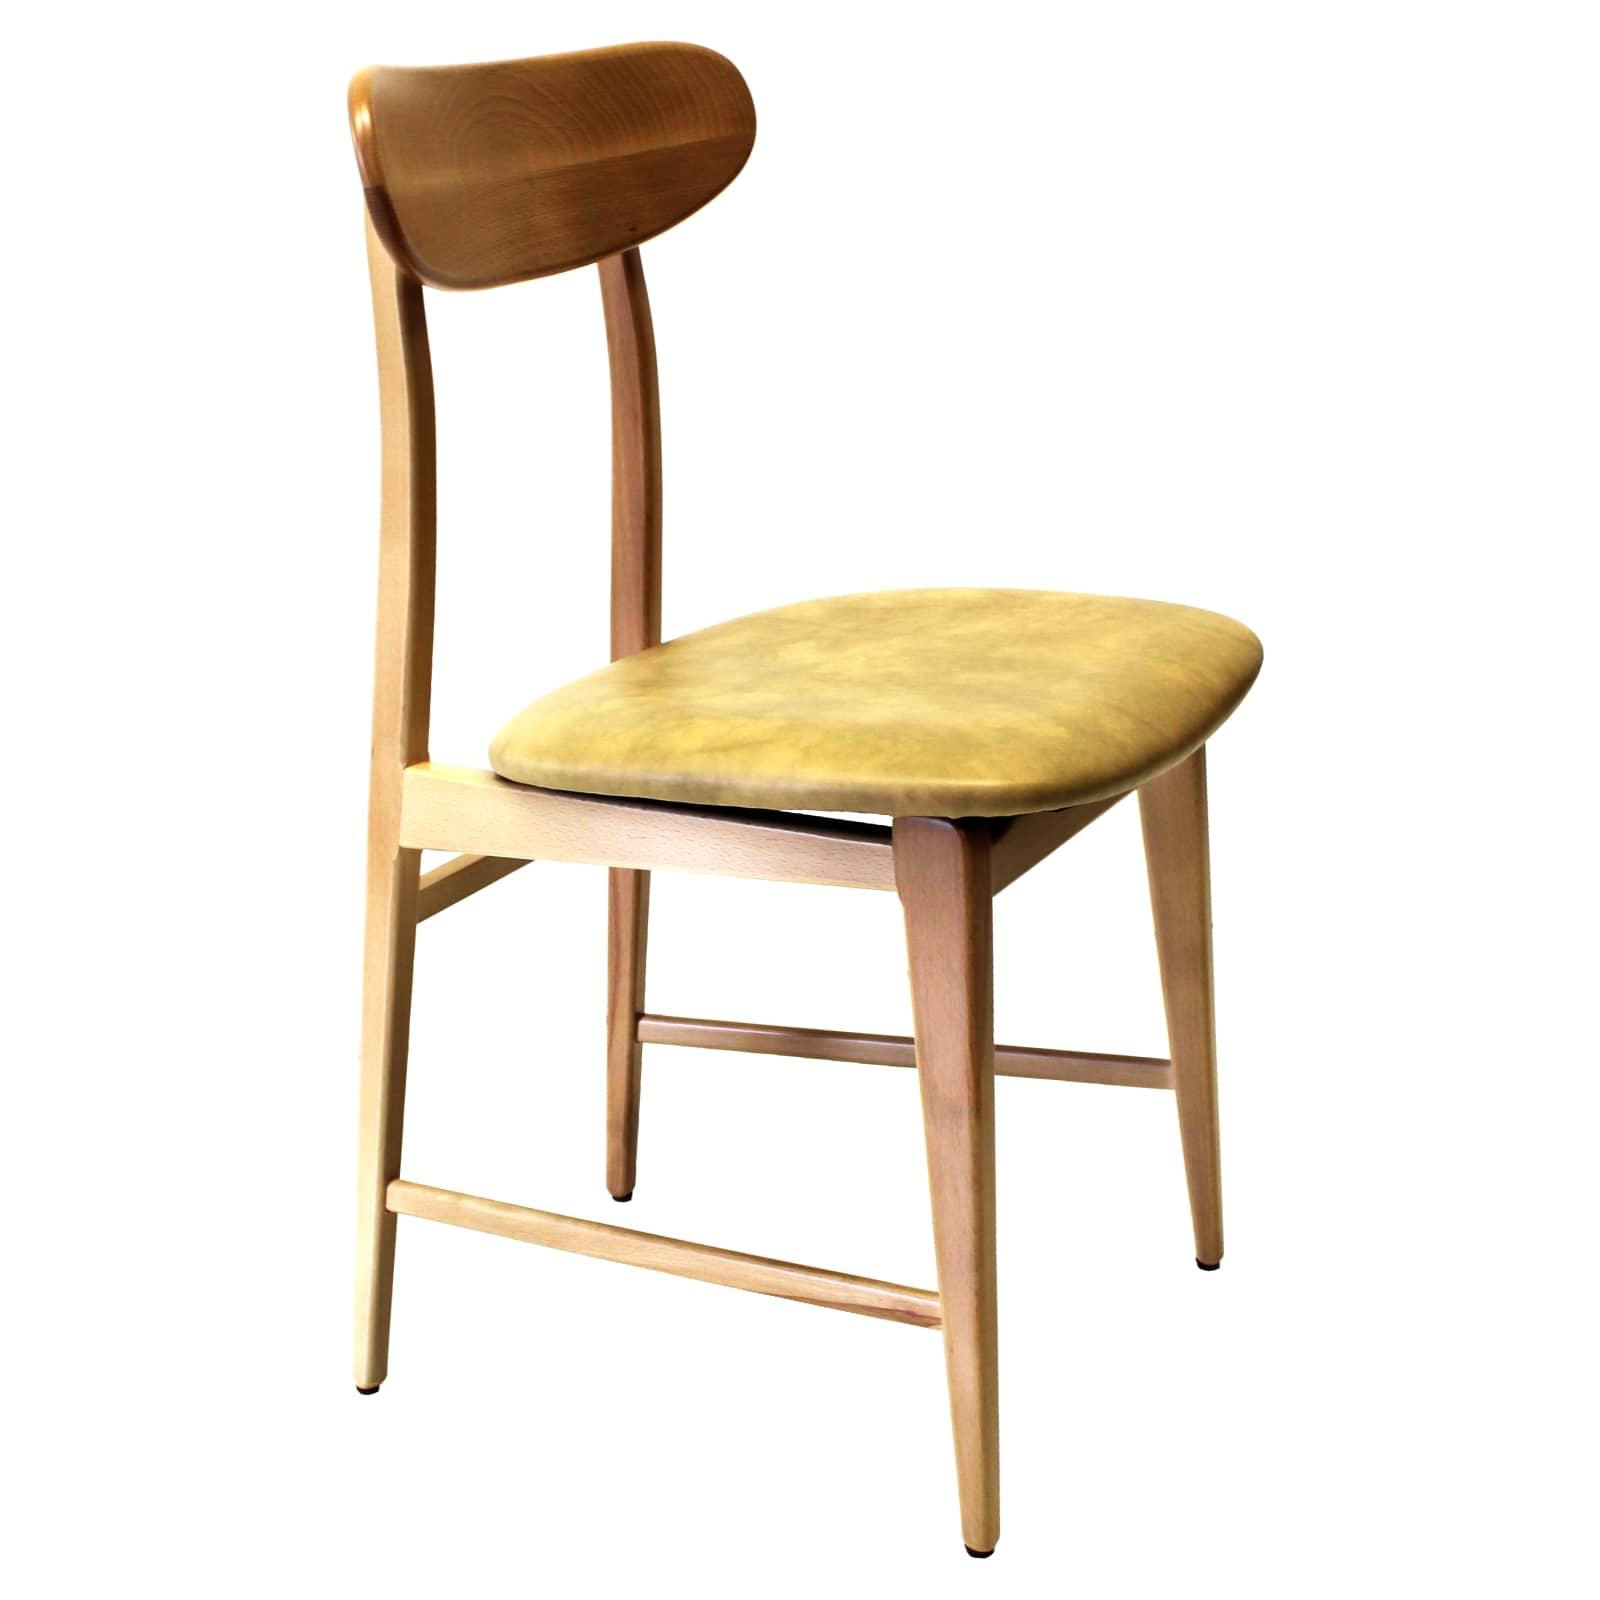 Sedie In Legno Per Alberghi.Sedia Ottavia In Ecopelle E Legno